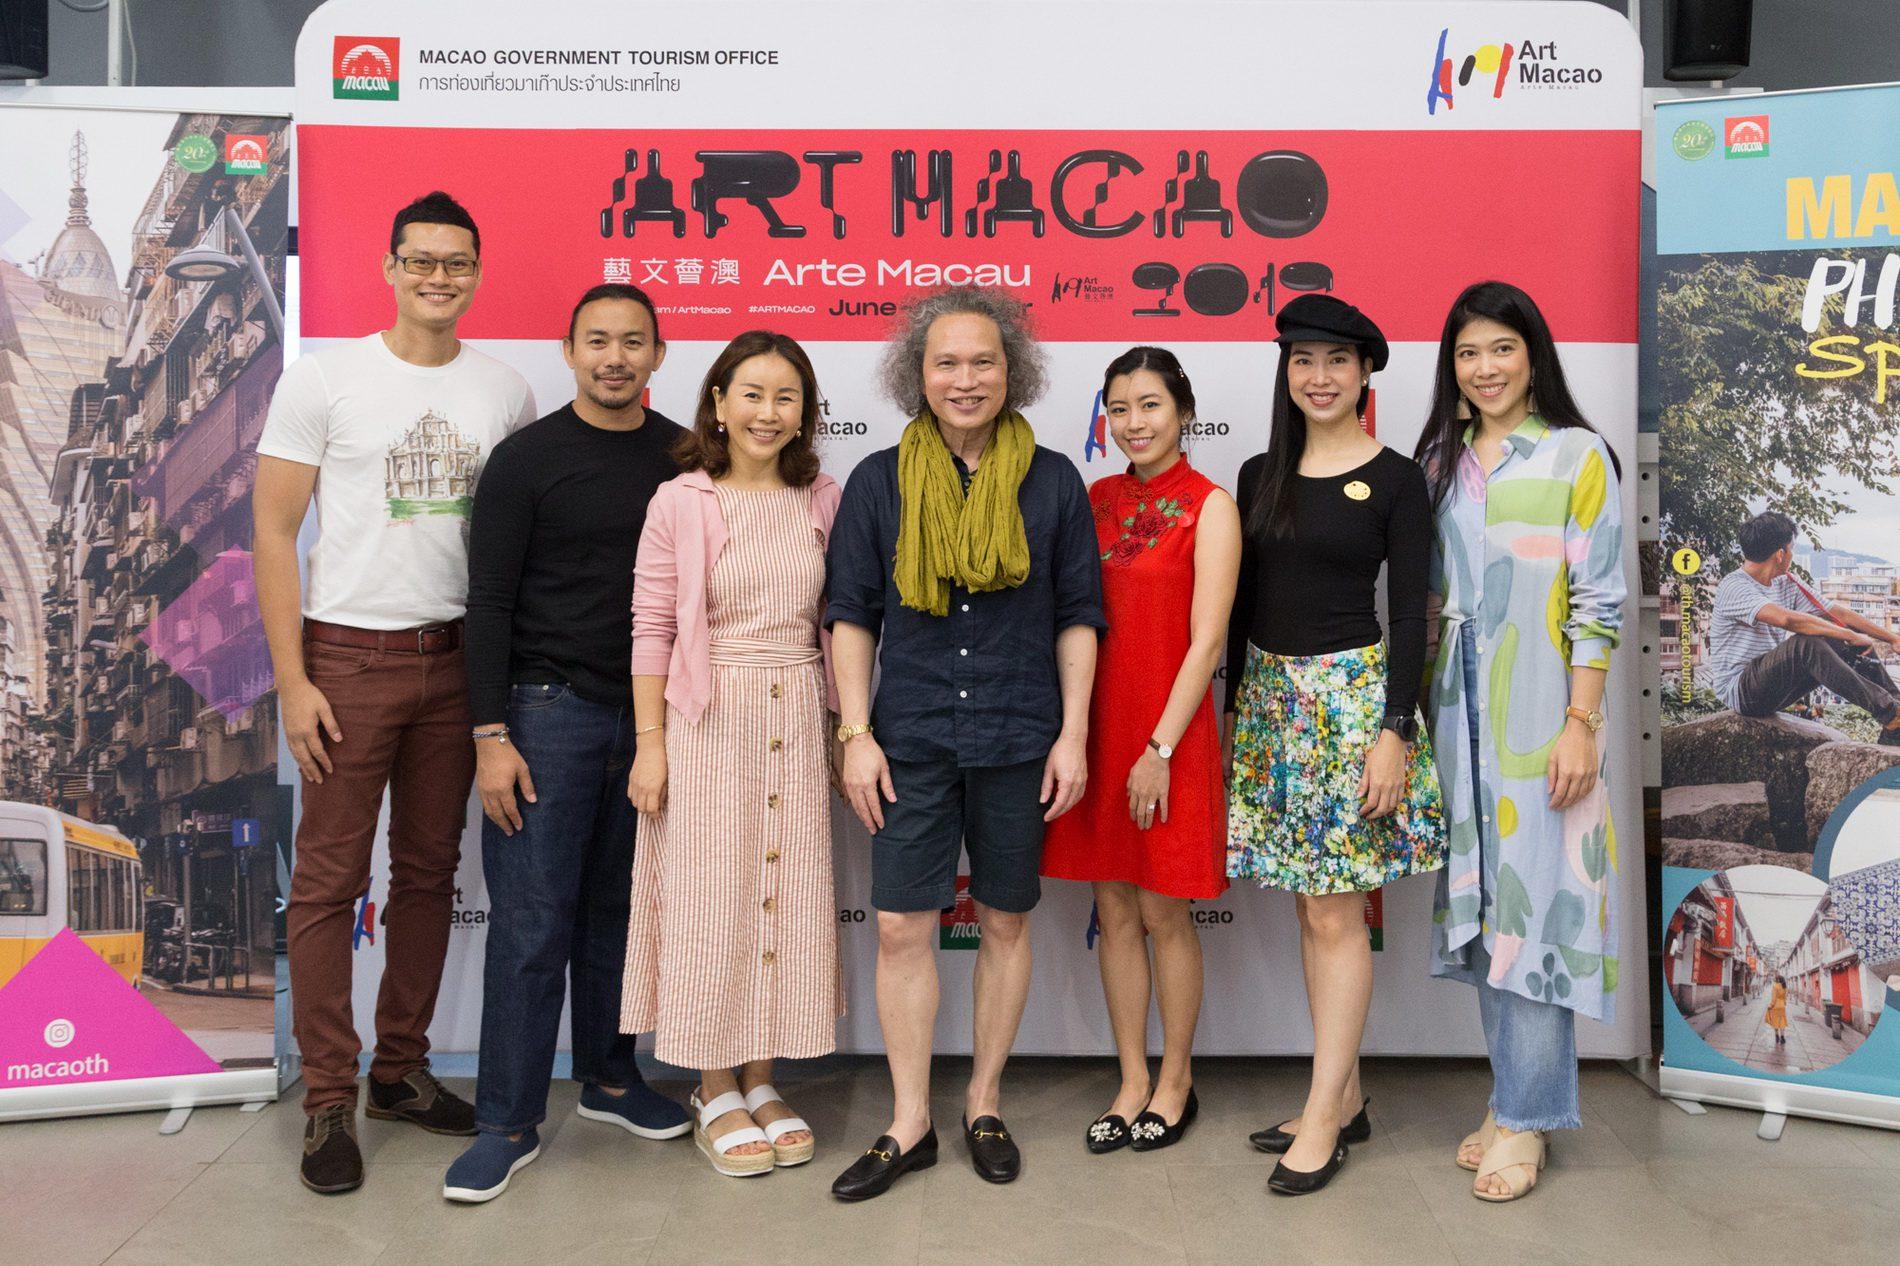 """การท่องเที่ยวมาเก๊า จัดกิจกรรม """"Art Macao Workshop"""" เชิญศิลปินต้นแบบ """"ครูโต ม.ล.จิราธร"""" ถ่ายทอดงานศิลป์ ผ่านลายเส้นสุดอาร์ต"""